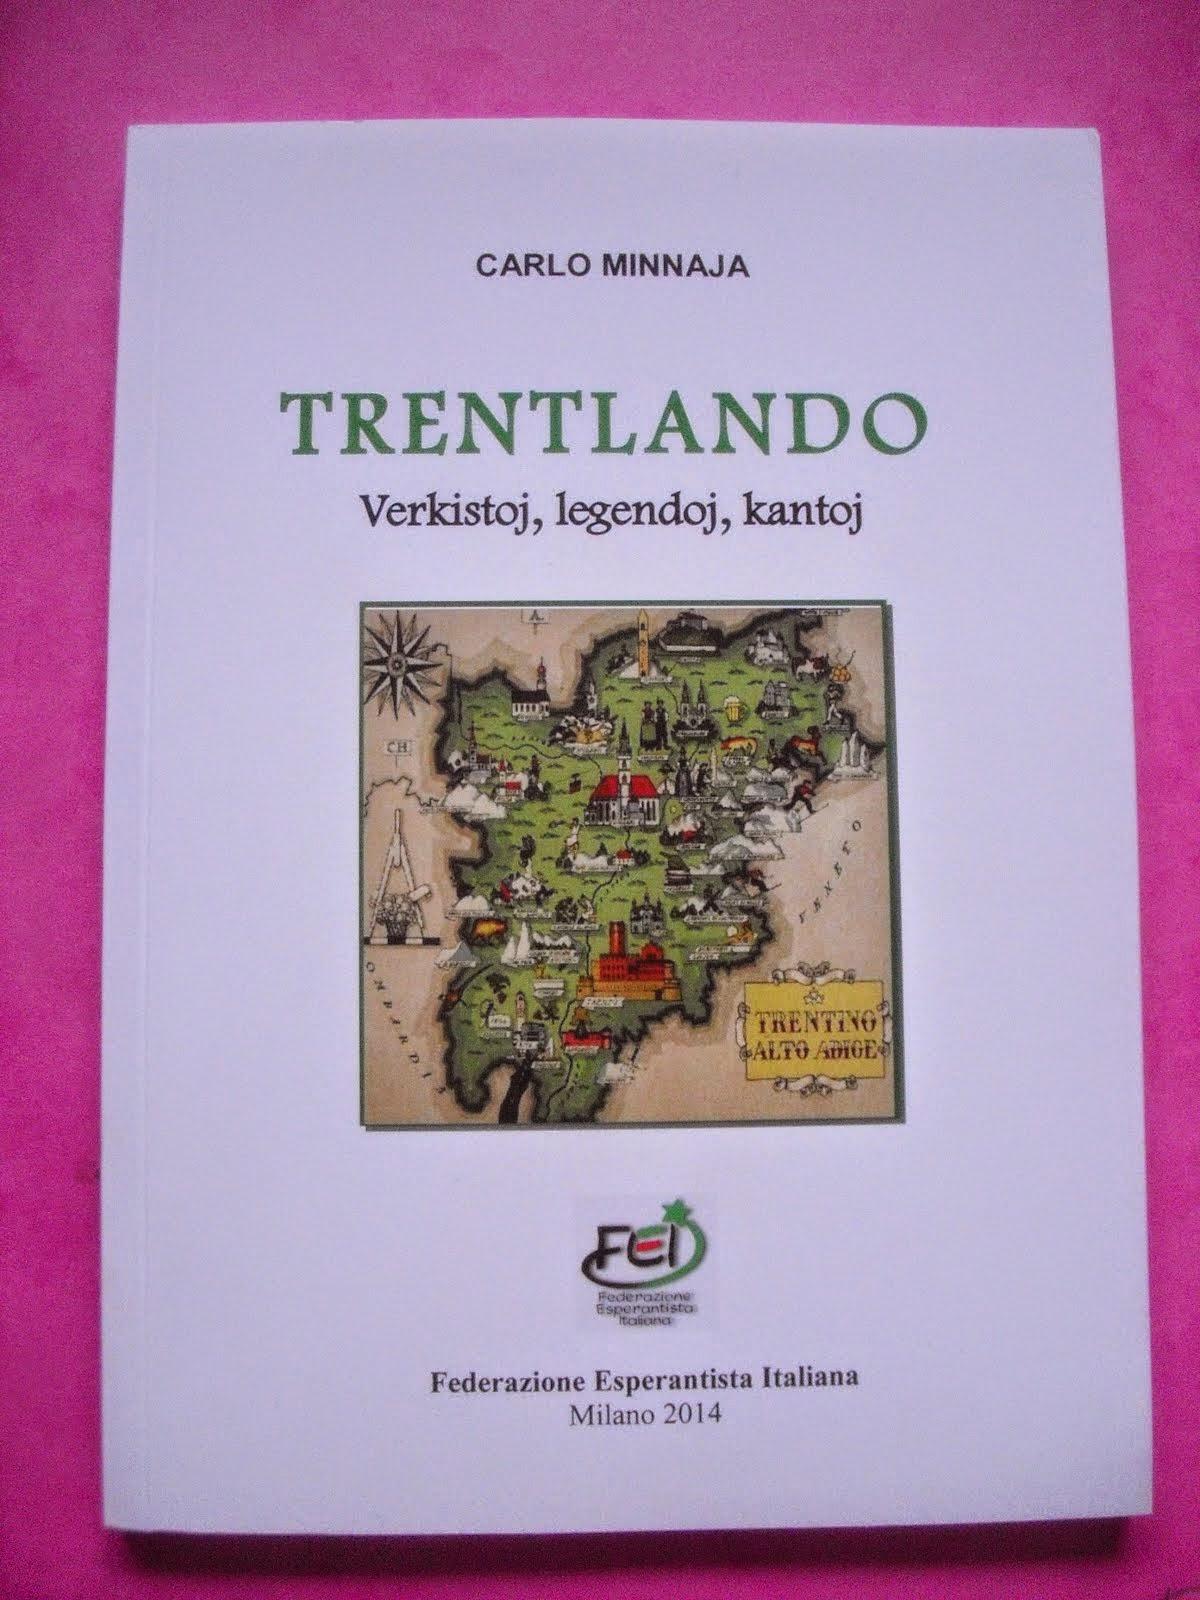 Il racconto Mitterndorf de Le Piccole Cose in lingua esperanto